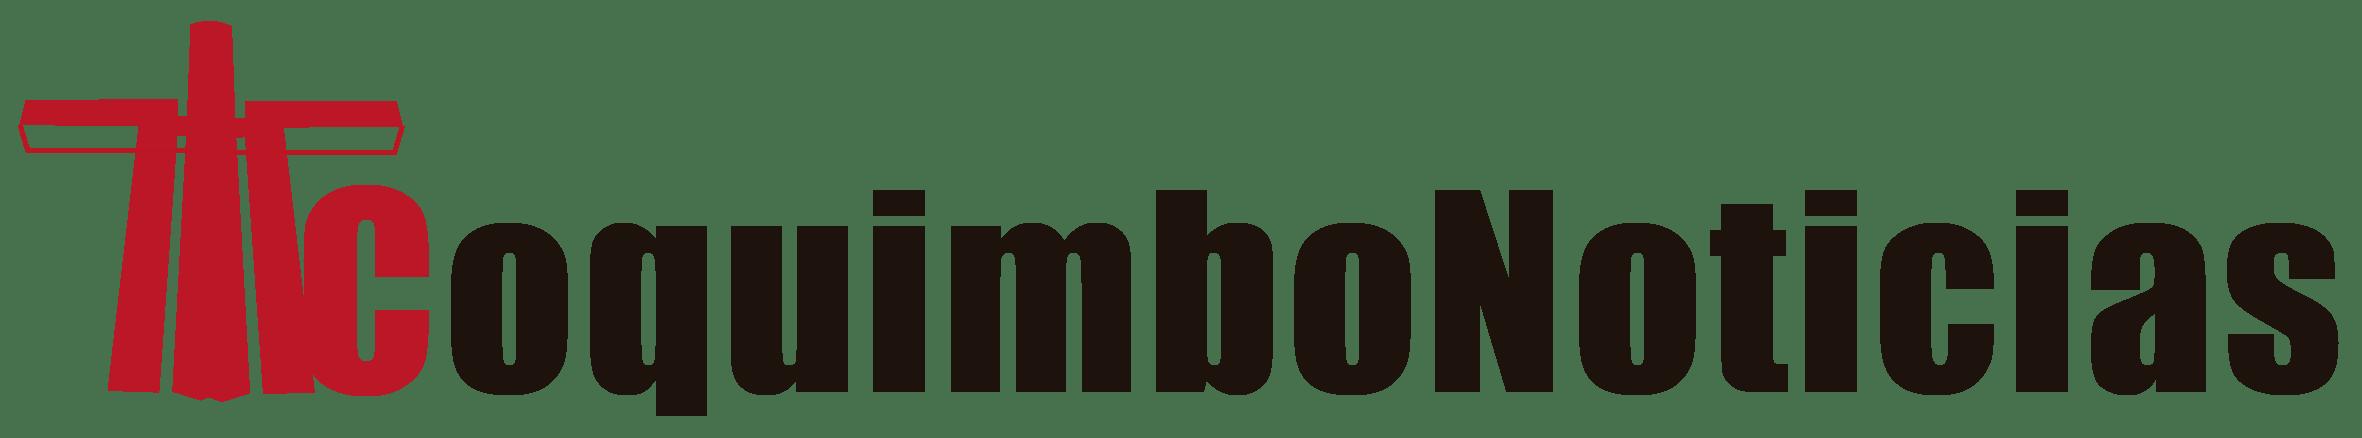 Coquimbo Noticias